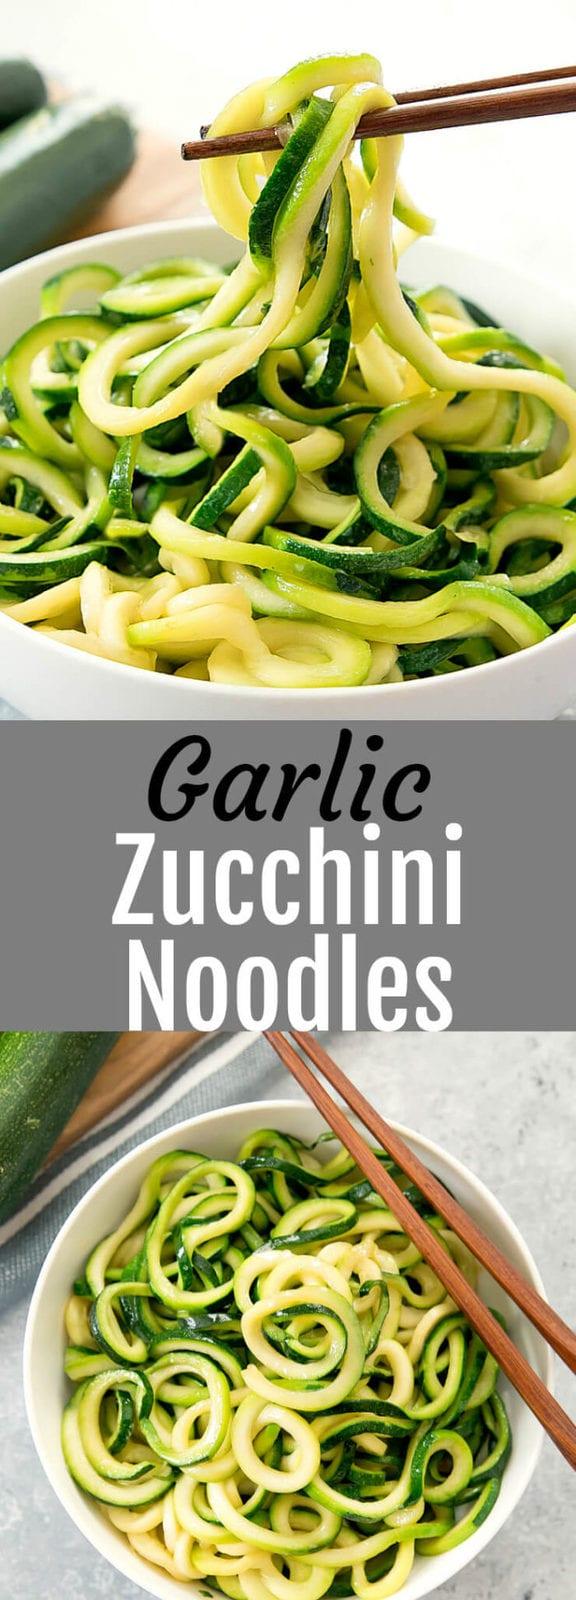 Garlic Zucchini Noodles